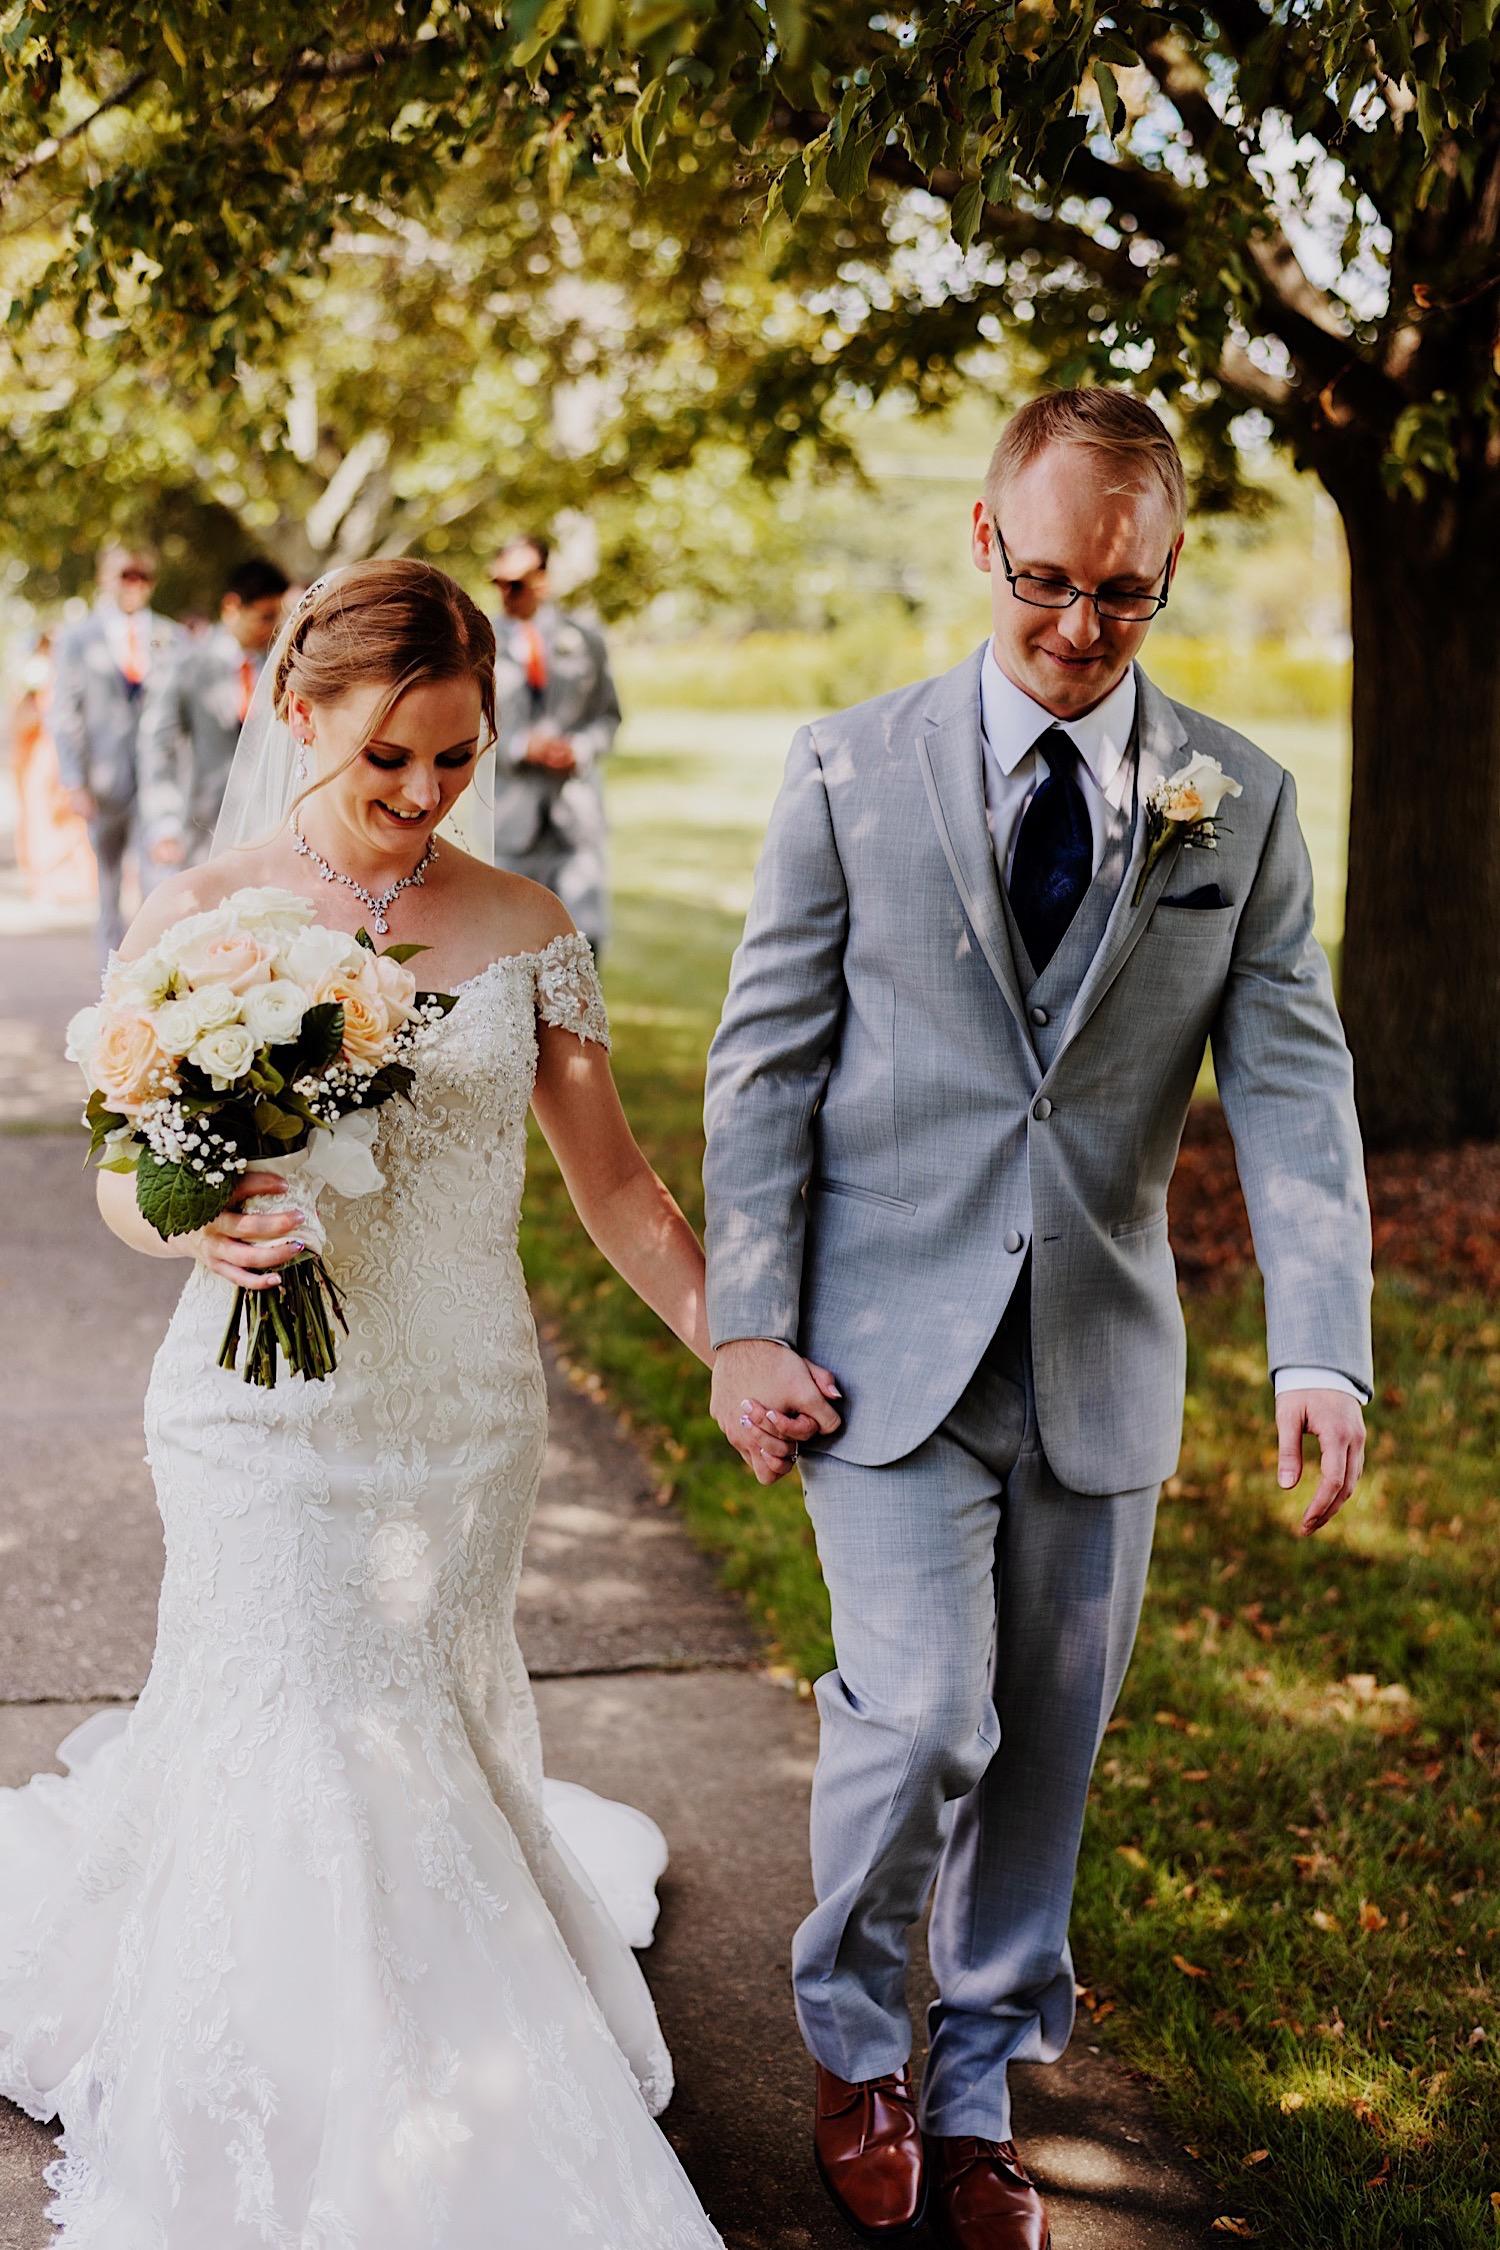 012_Dodd-Hejnar-Riverside-Reception-Geneva-Illinois-Wedding_0017.jpg